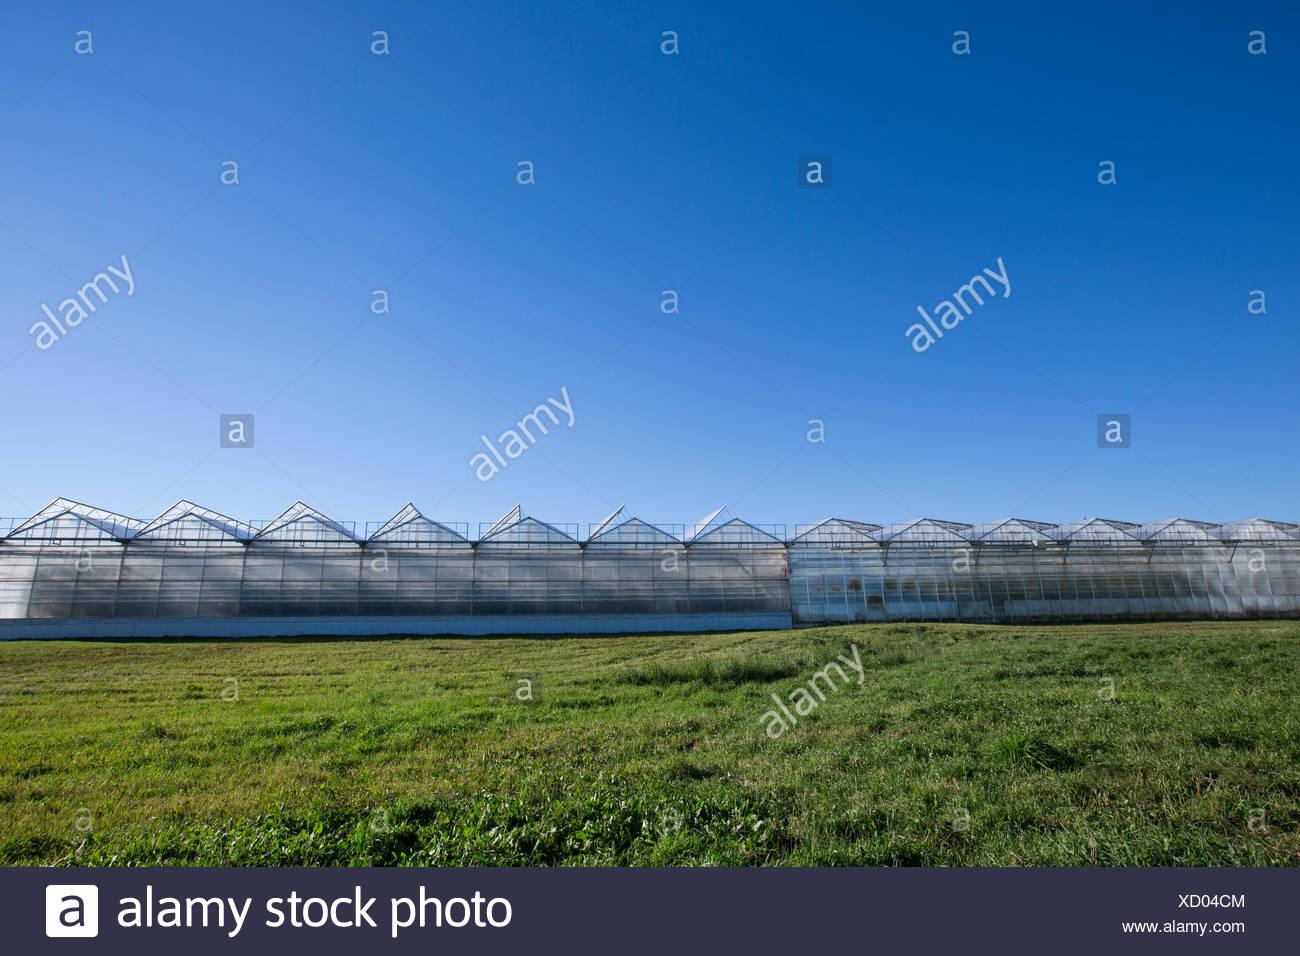 Gewächshäuser in einer Zeile unter blauem Himmel Stockbild